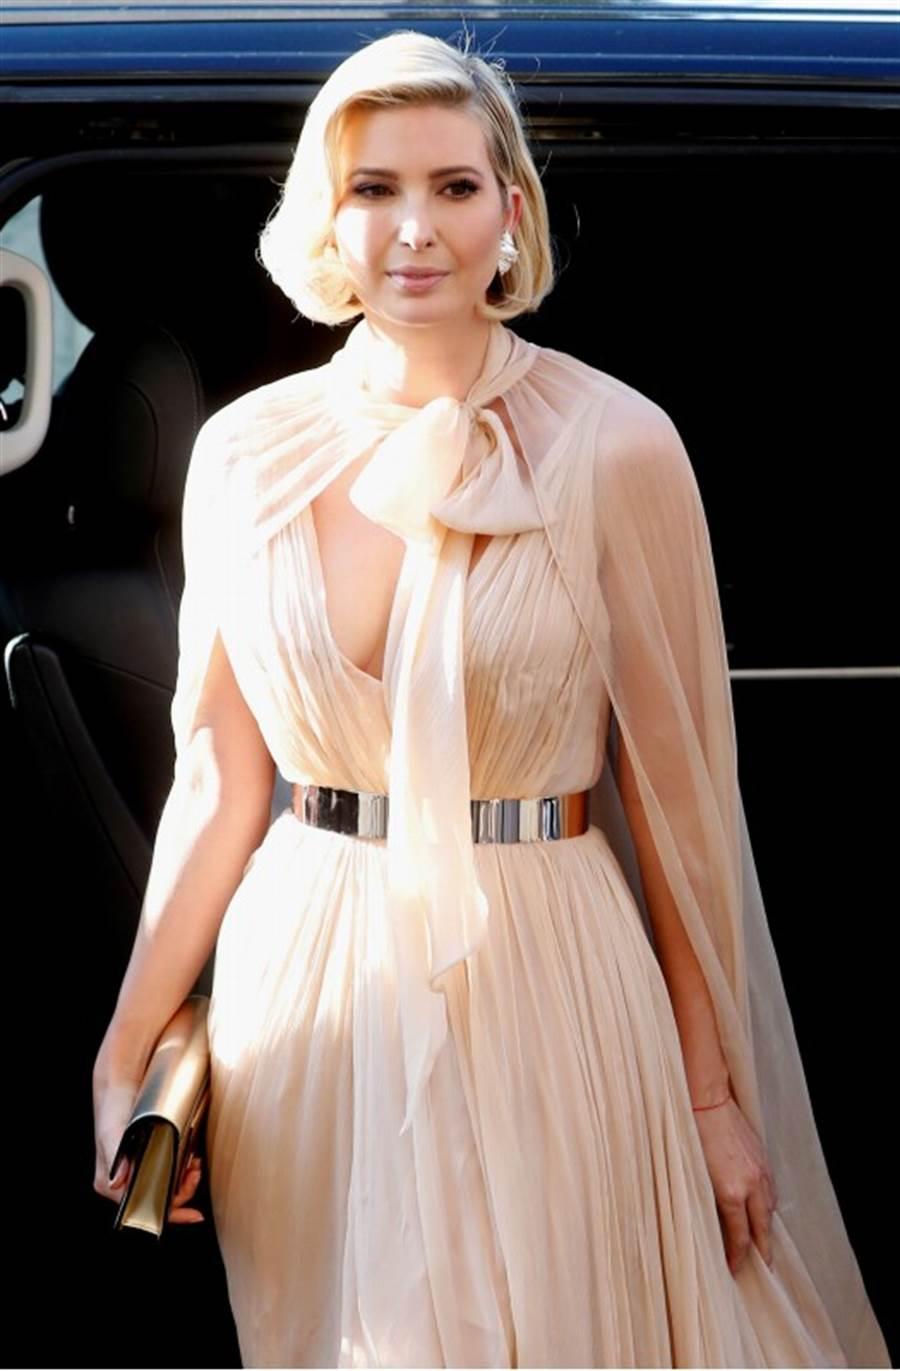 美國第一千金伊凡卡以一襲希臘式低胸晚禮服參加好友的婚禮,豔冠群芳。(路透)